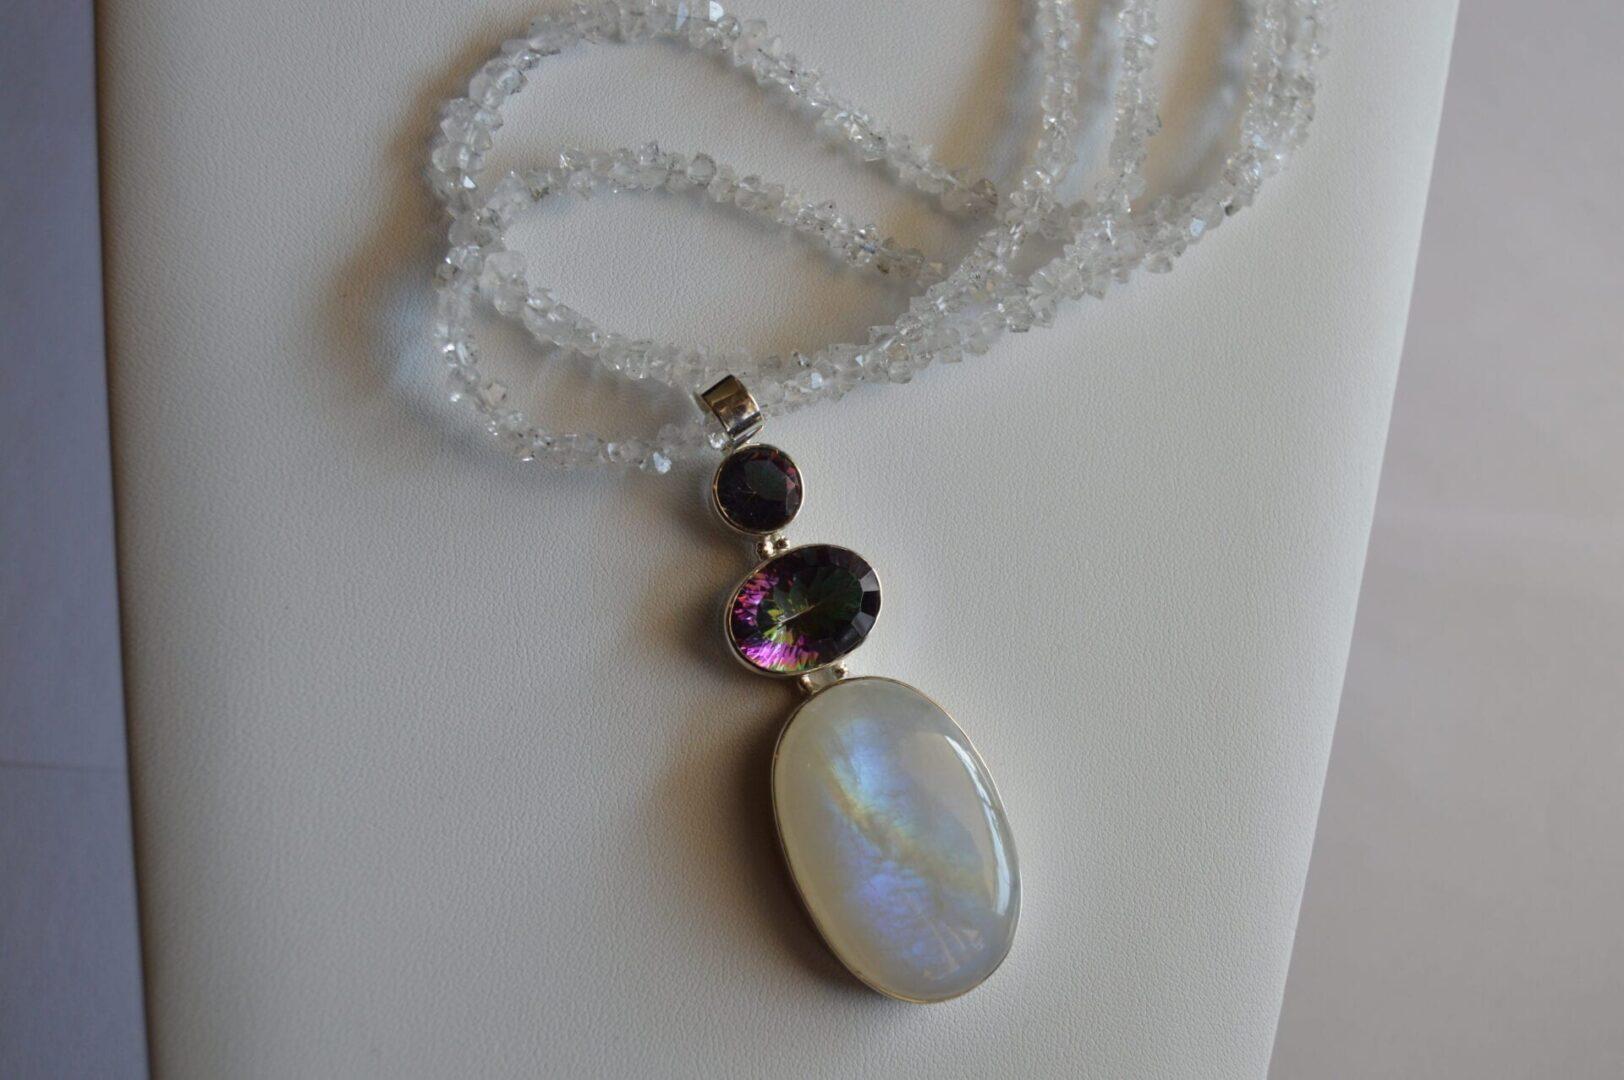 A Selene Rainbow Necklace on a surface